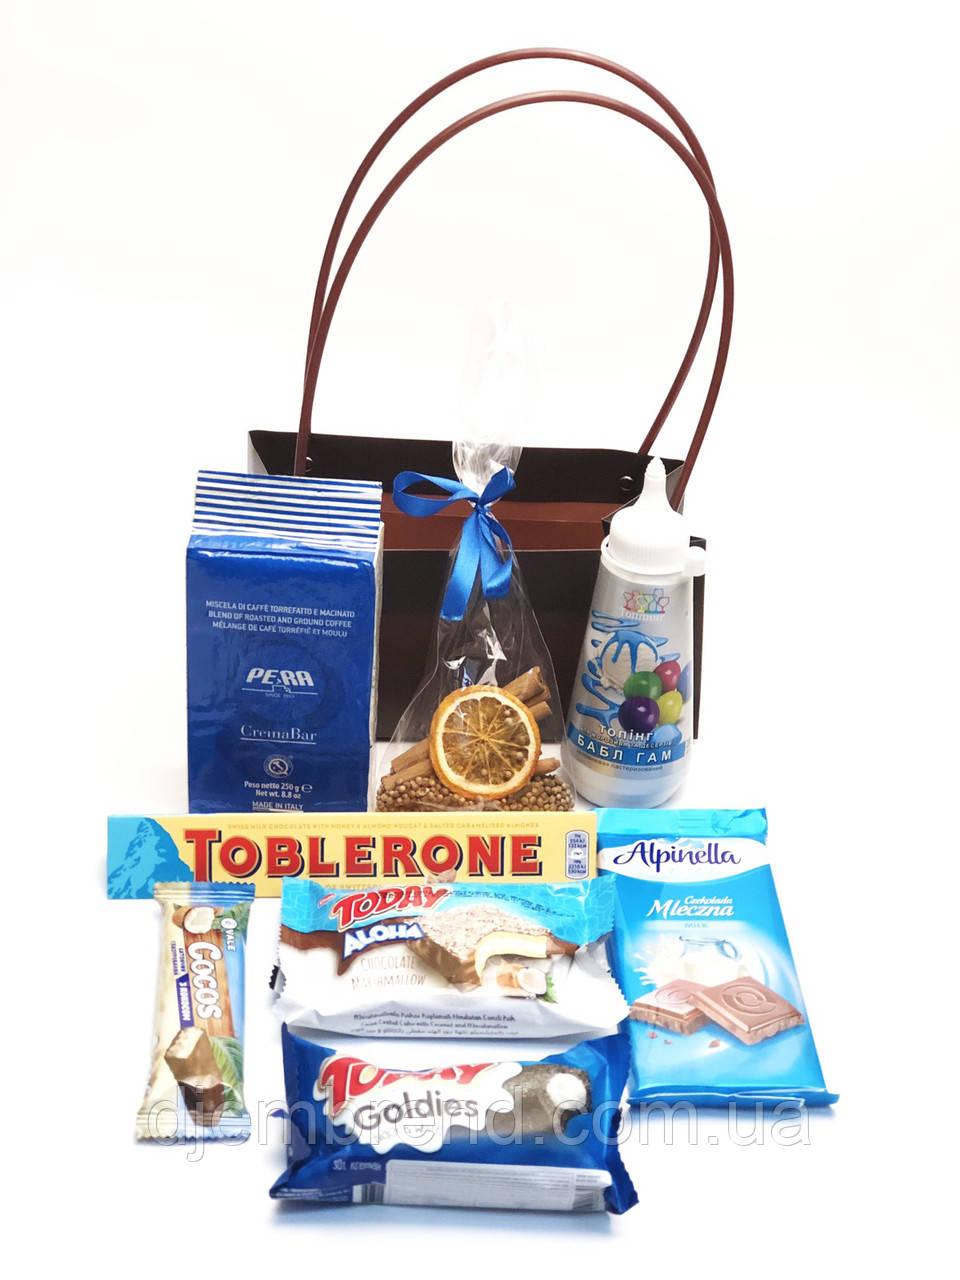 Подарочный набор Топпинг Бабл-гам, Таблерон, Альпинелла, к Новому году